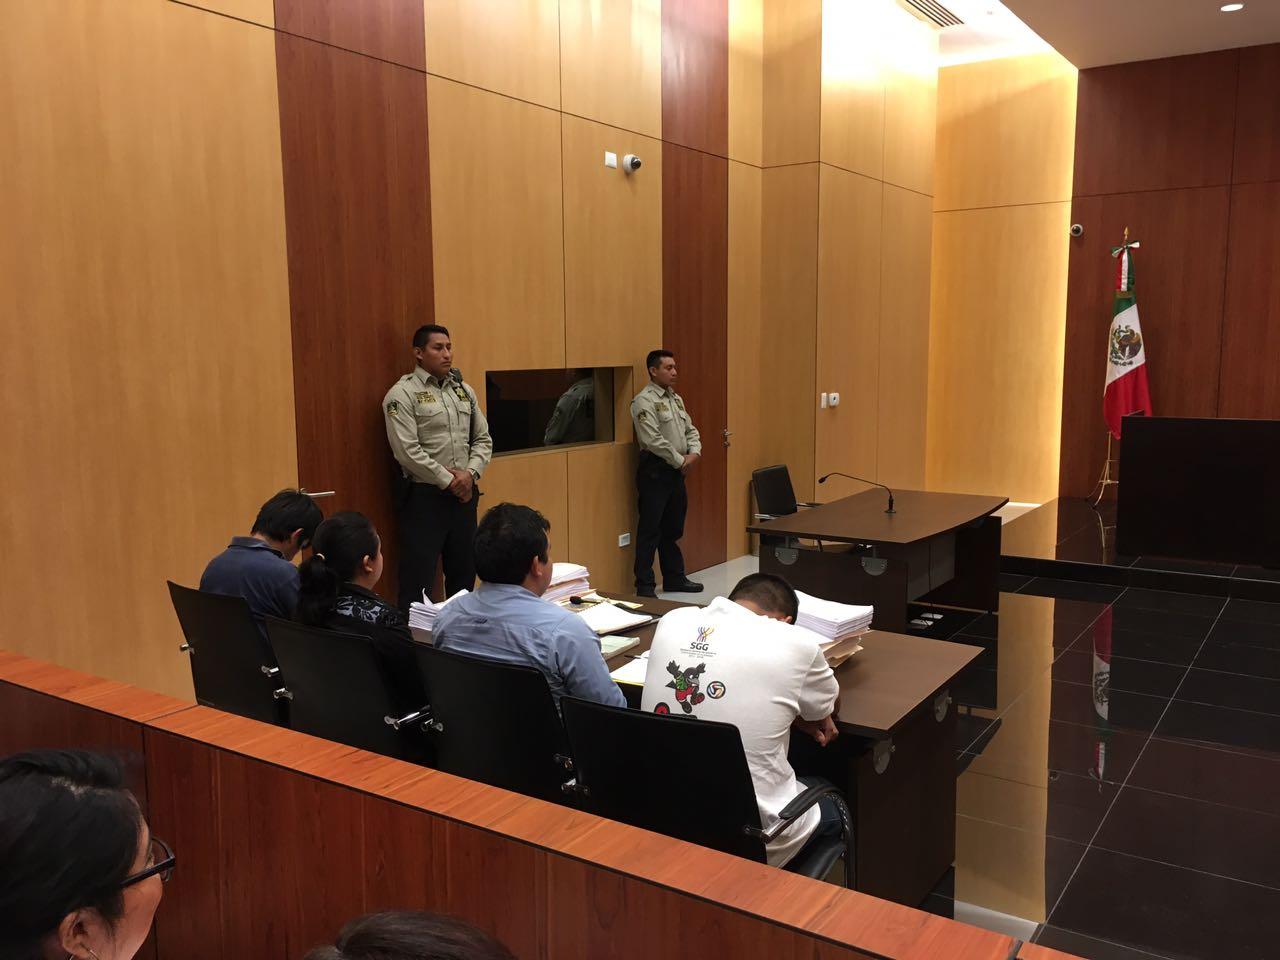 Más implicados en asesinato de Emma Gabriela